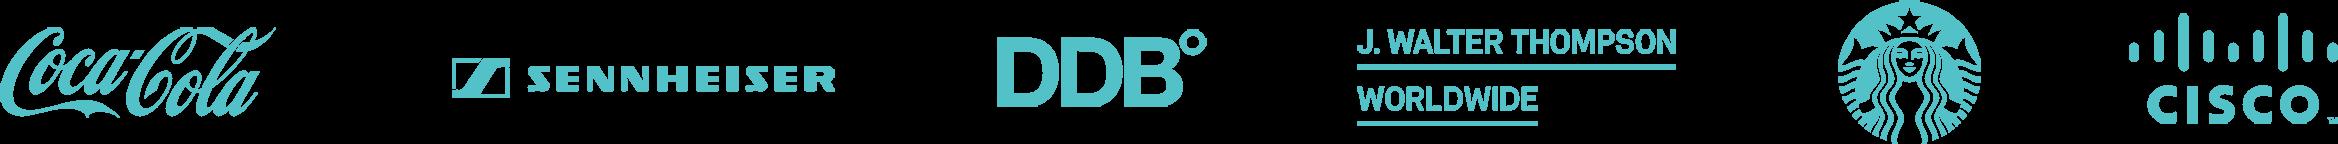 Online Project Management Tools & Collaboration Platform customer logos - Gestion de projet | Plateforme collaborative | Gestion de tâches